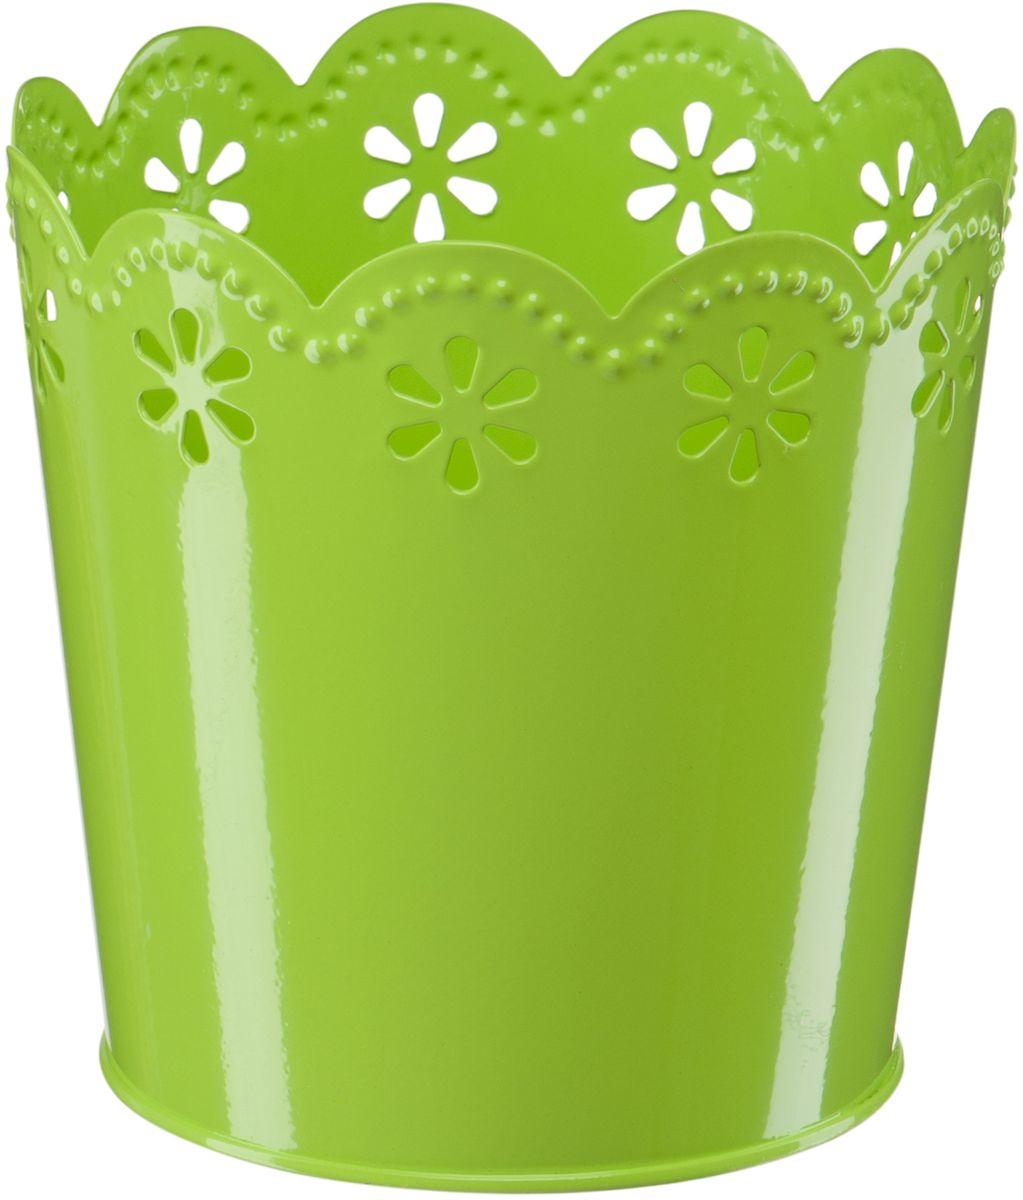 Кашпо Engard, цвет: зеленый, 12,5 х 10 х 13 смА060Кашпо Engard, предназначенное для посадки декоративных растений, станет прекрасным украшением для дома. Яркая расцветка привлекает к себе внимание и поднимает настроение. Материал изготовления - металл.